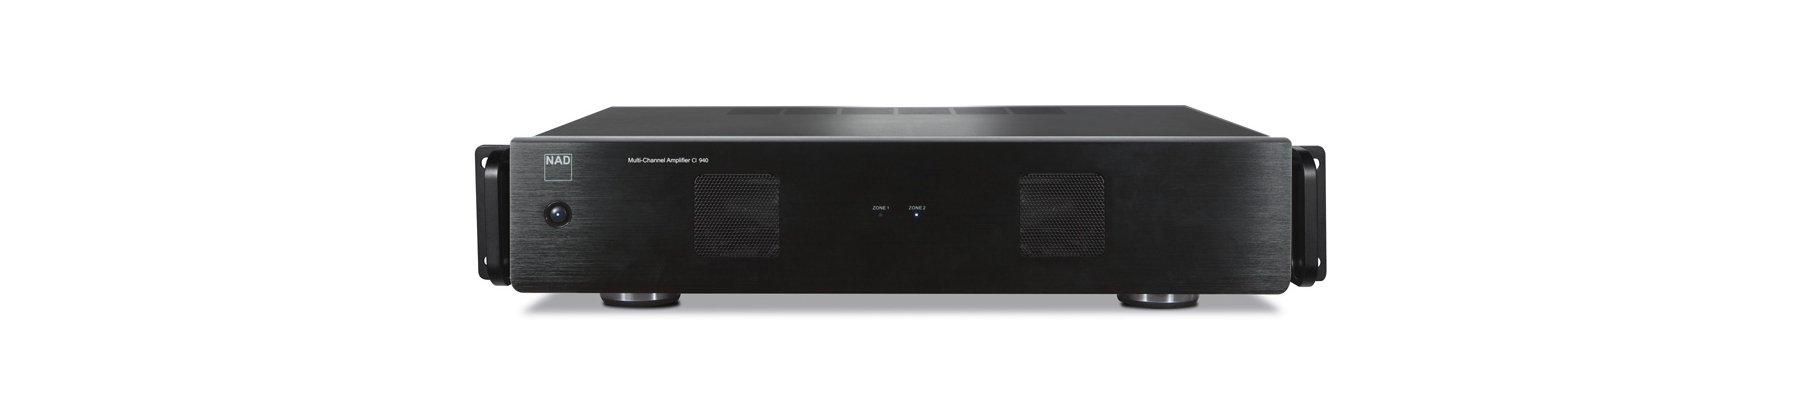 NAD CI940 4-Kanal Endverstärker